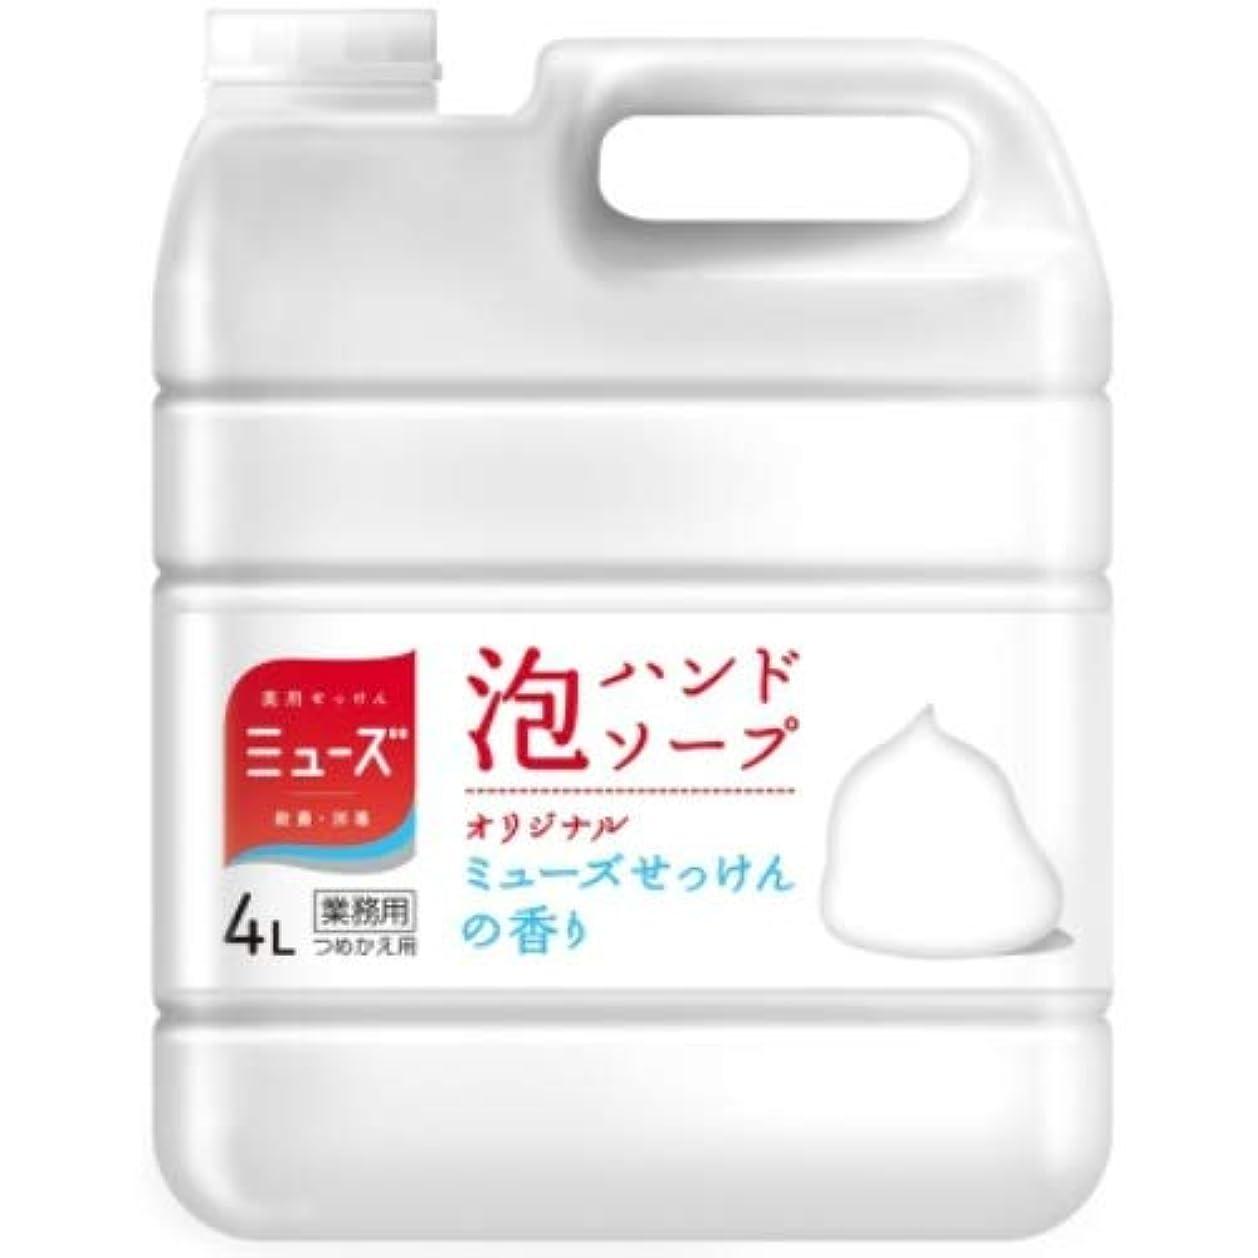 自治りんご恐竜【医薬部外品】泡ミューズ オリジナル 4L